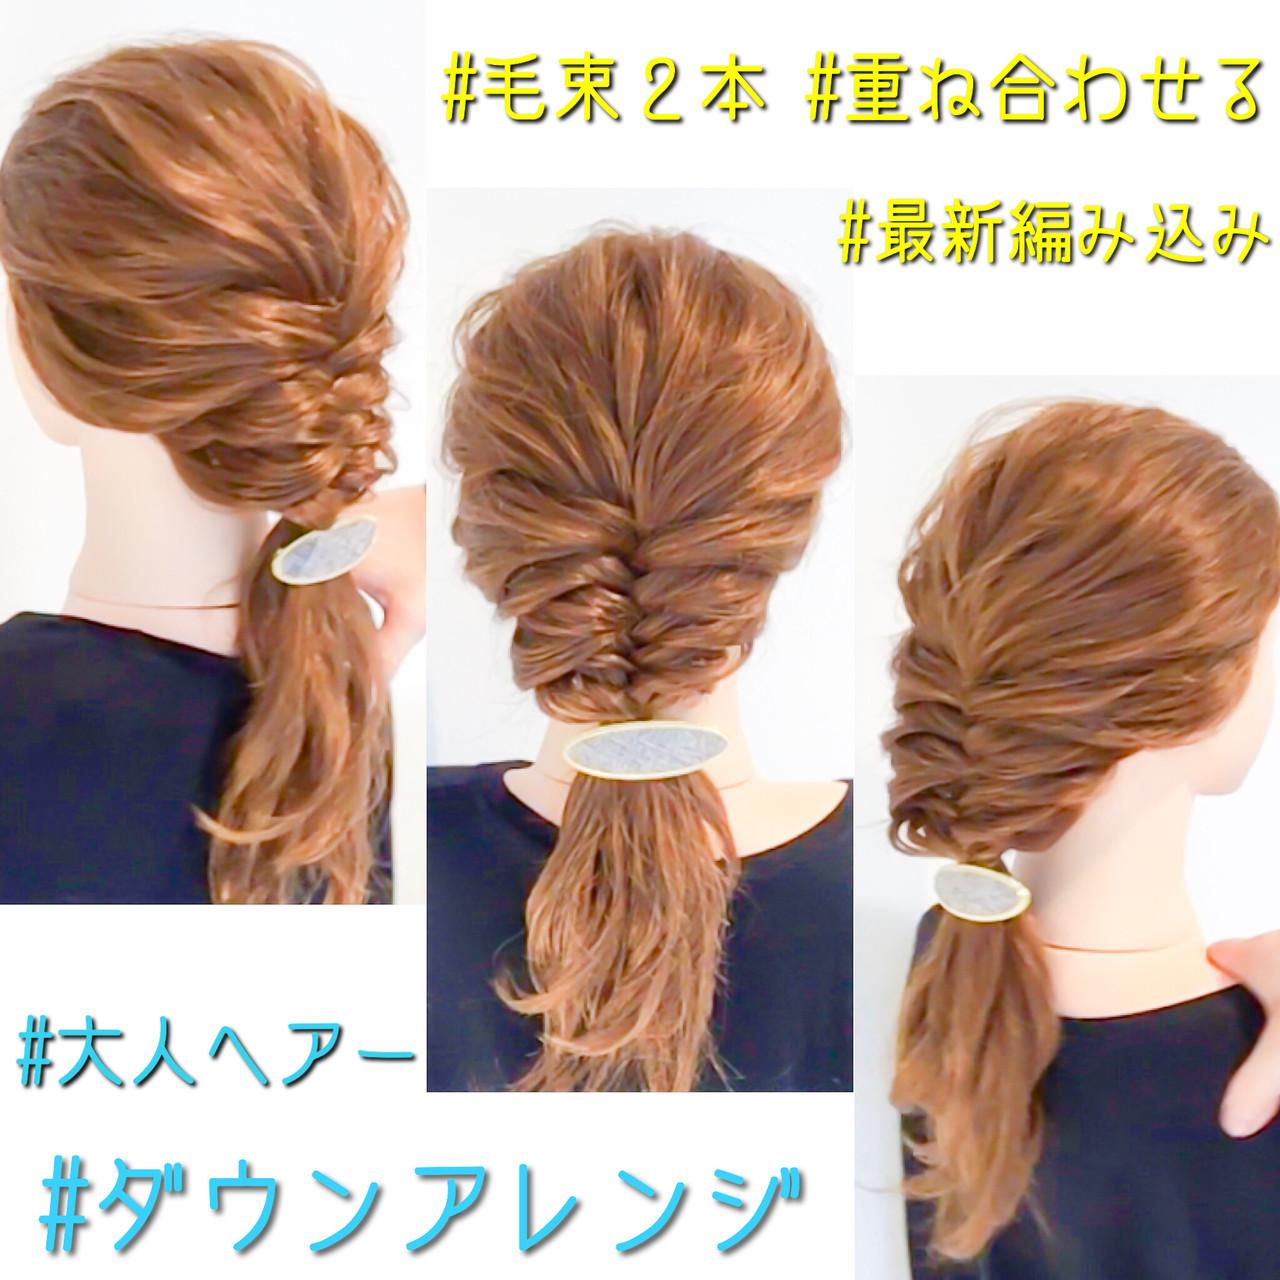 フェミニン ダウンスタイル ヘアアレンジ デート ヘアスタイルや髪型の写真・画像